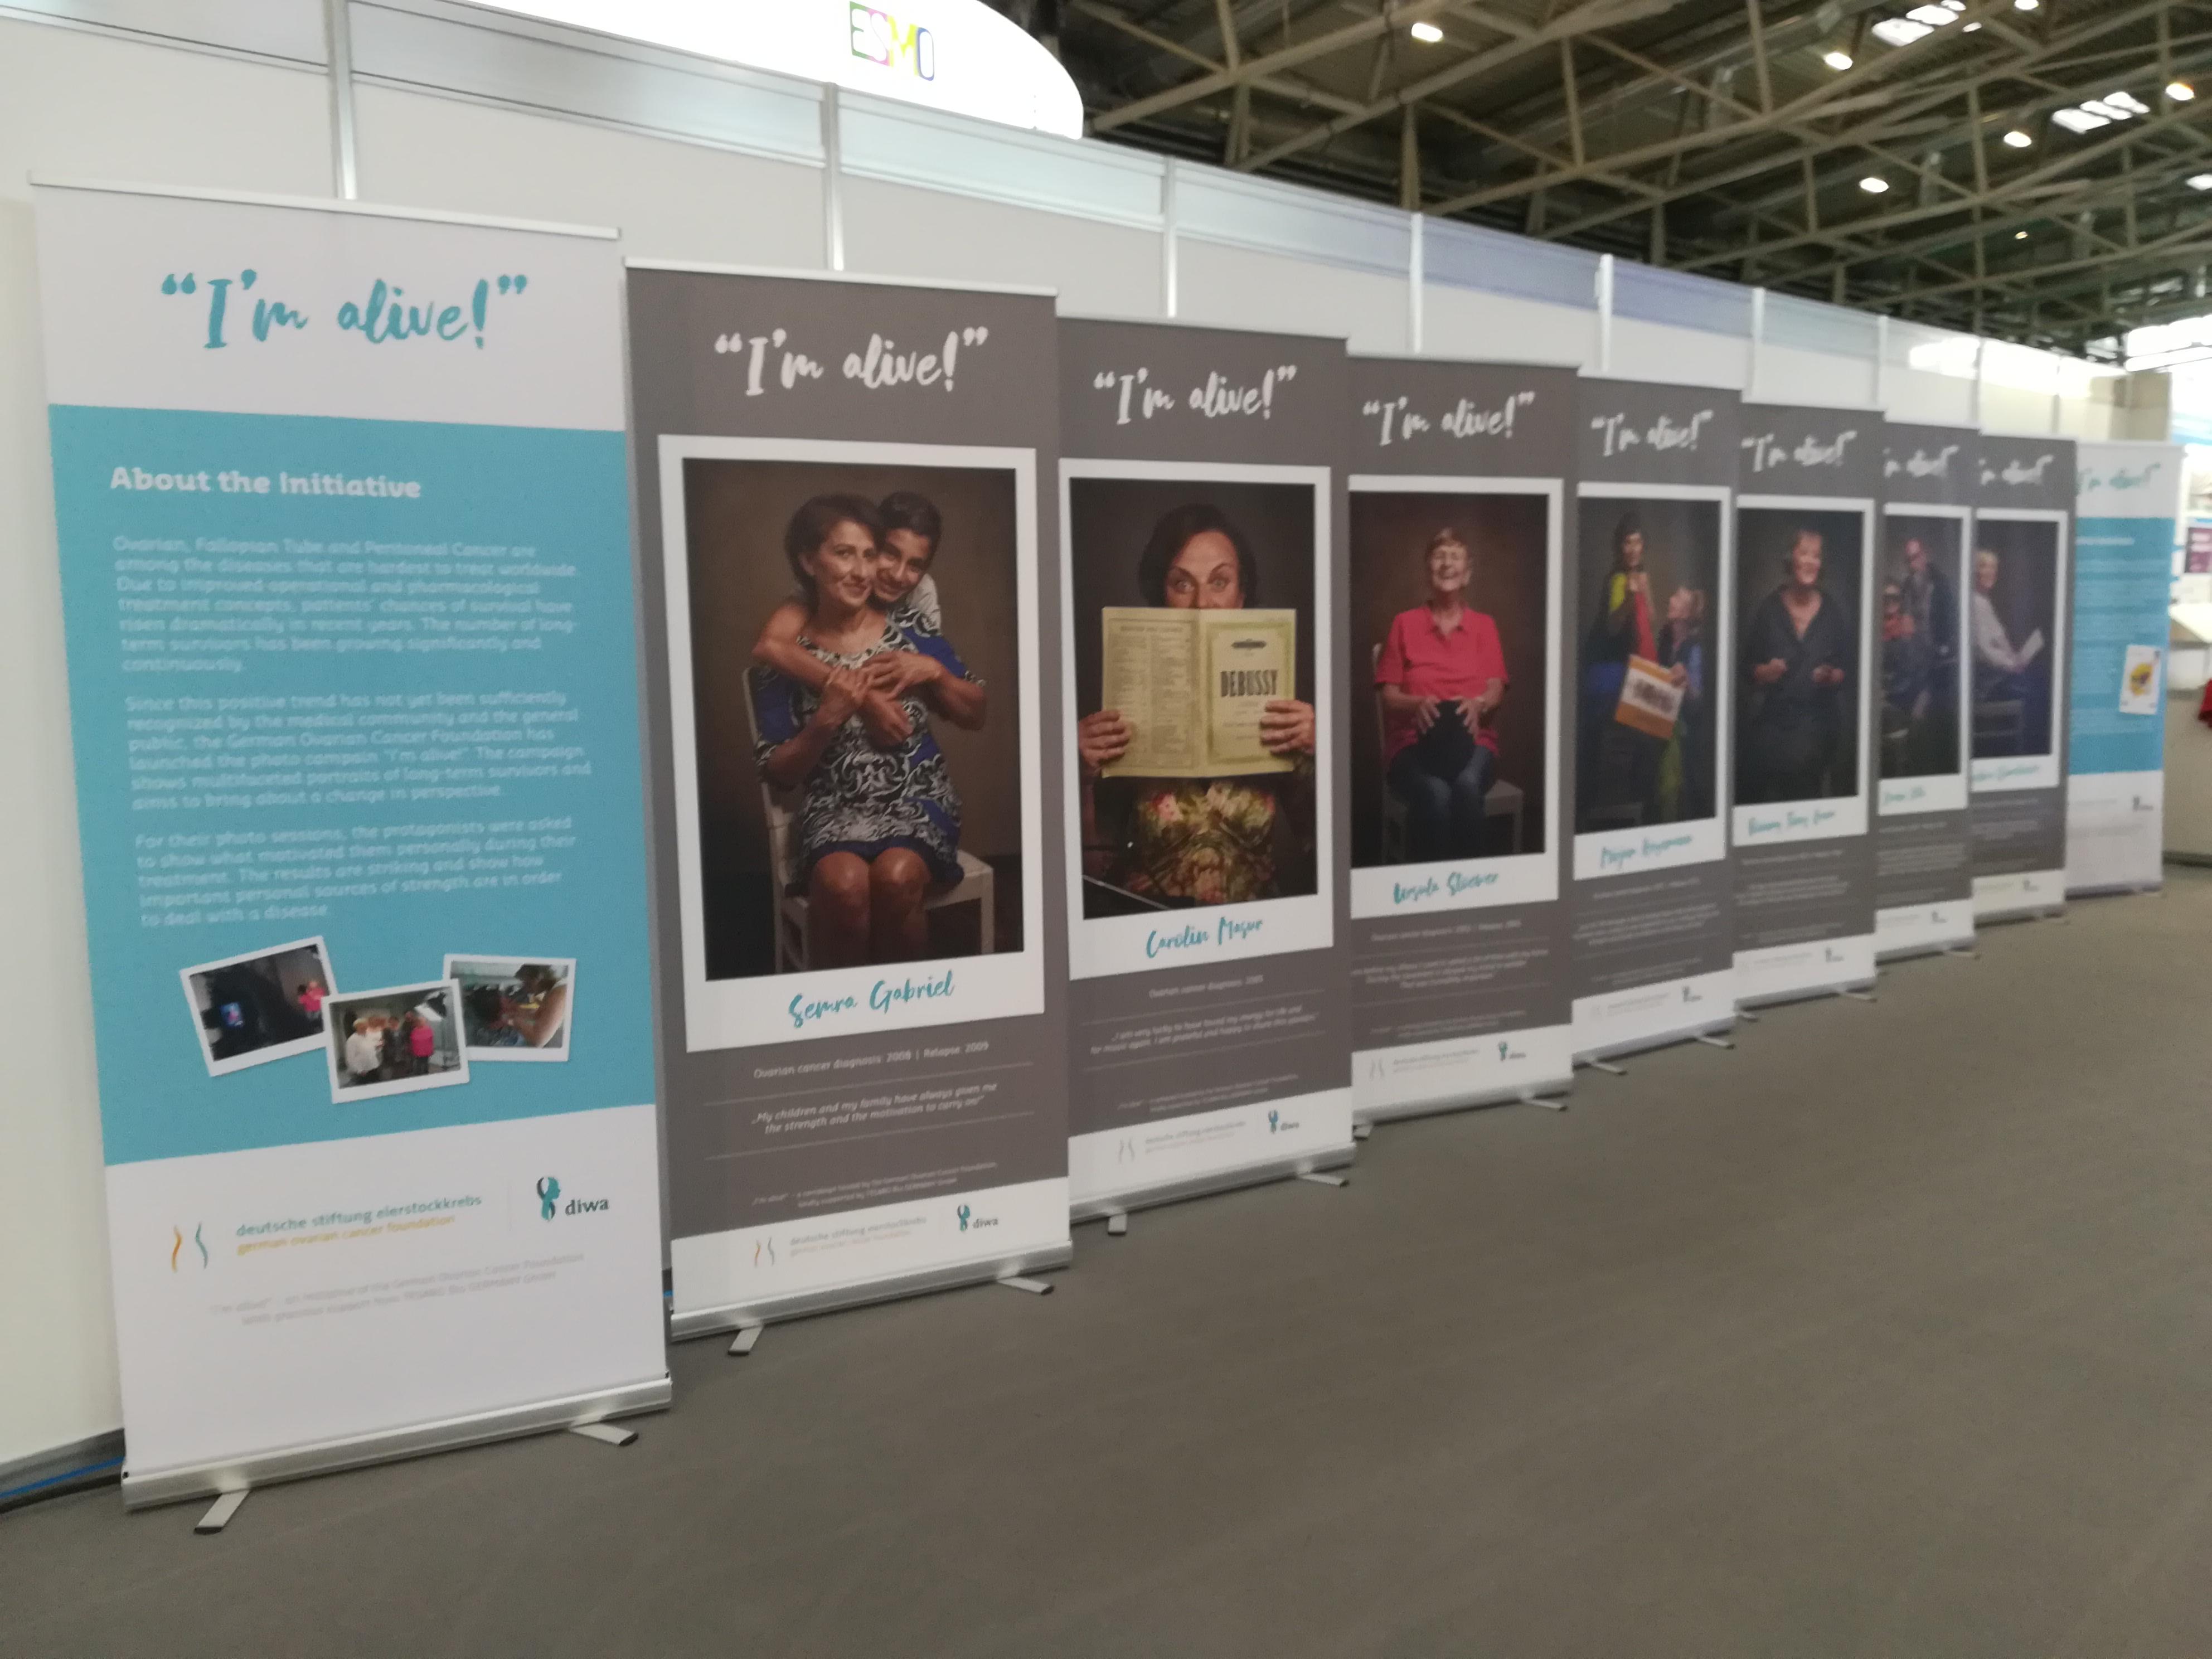 Aktuelles zum Eierstockkrebs: Aufsteller der Fototour Ich lebe! nebeneinander in einer Reihe.